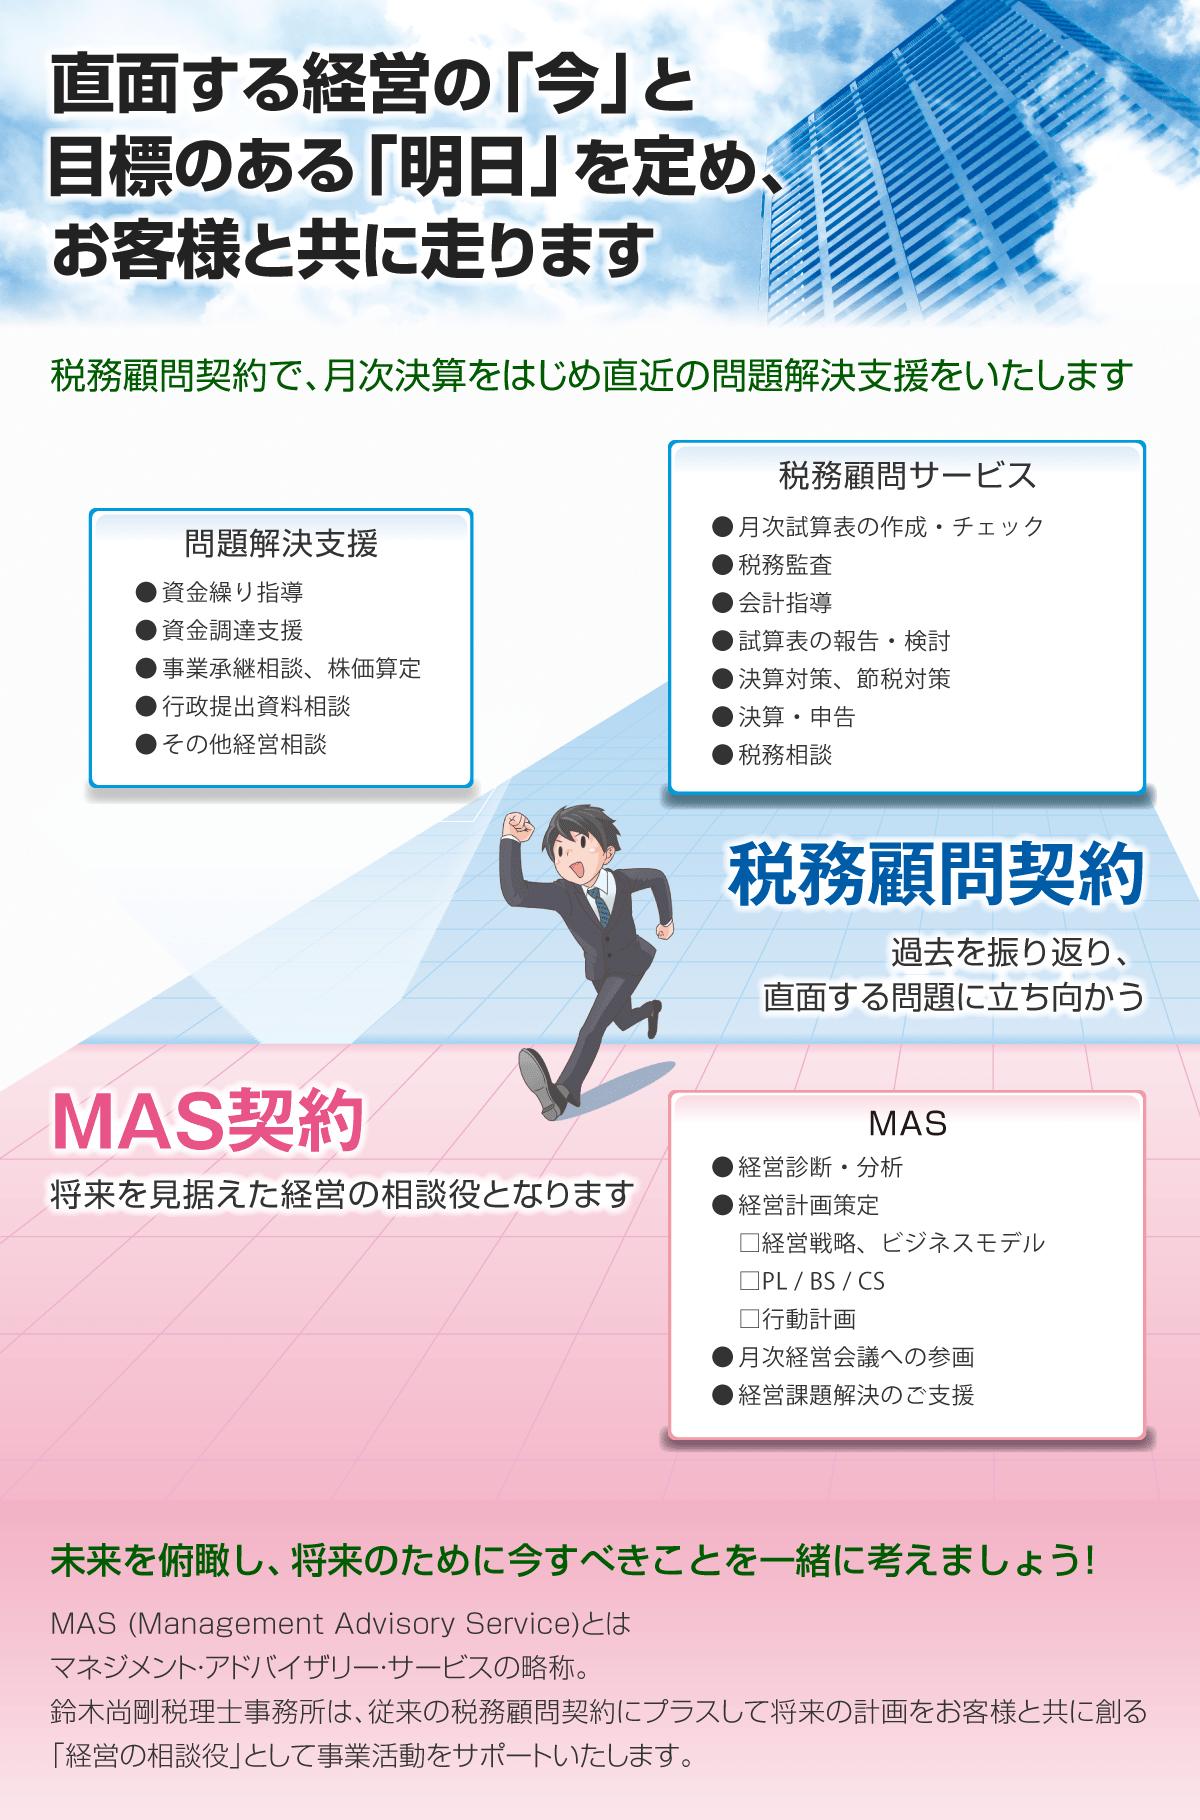 鈴木尚剛税理士事務所の新設法人支援